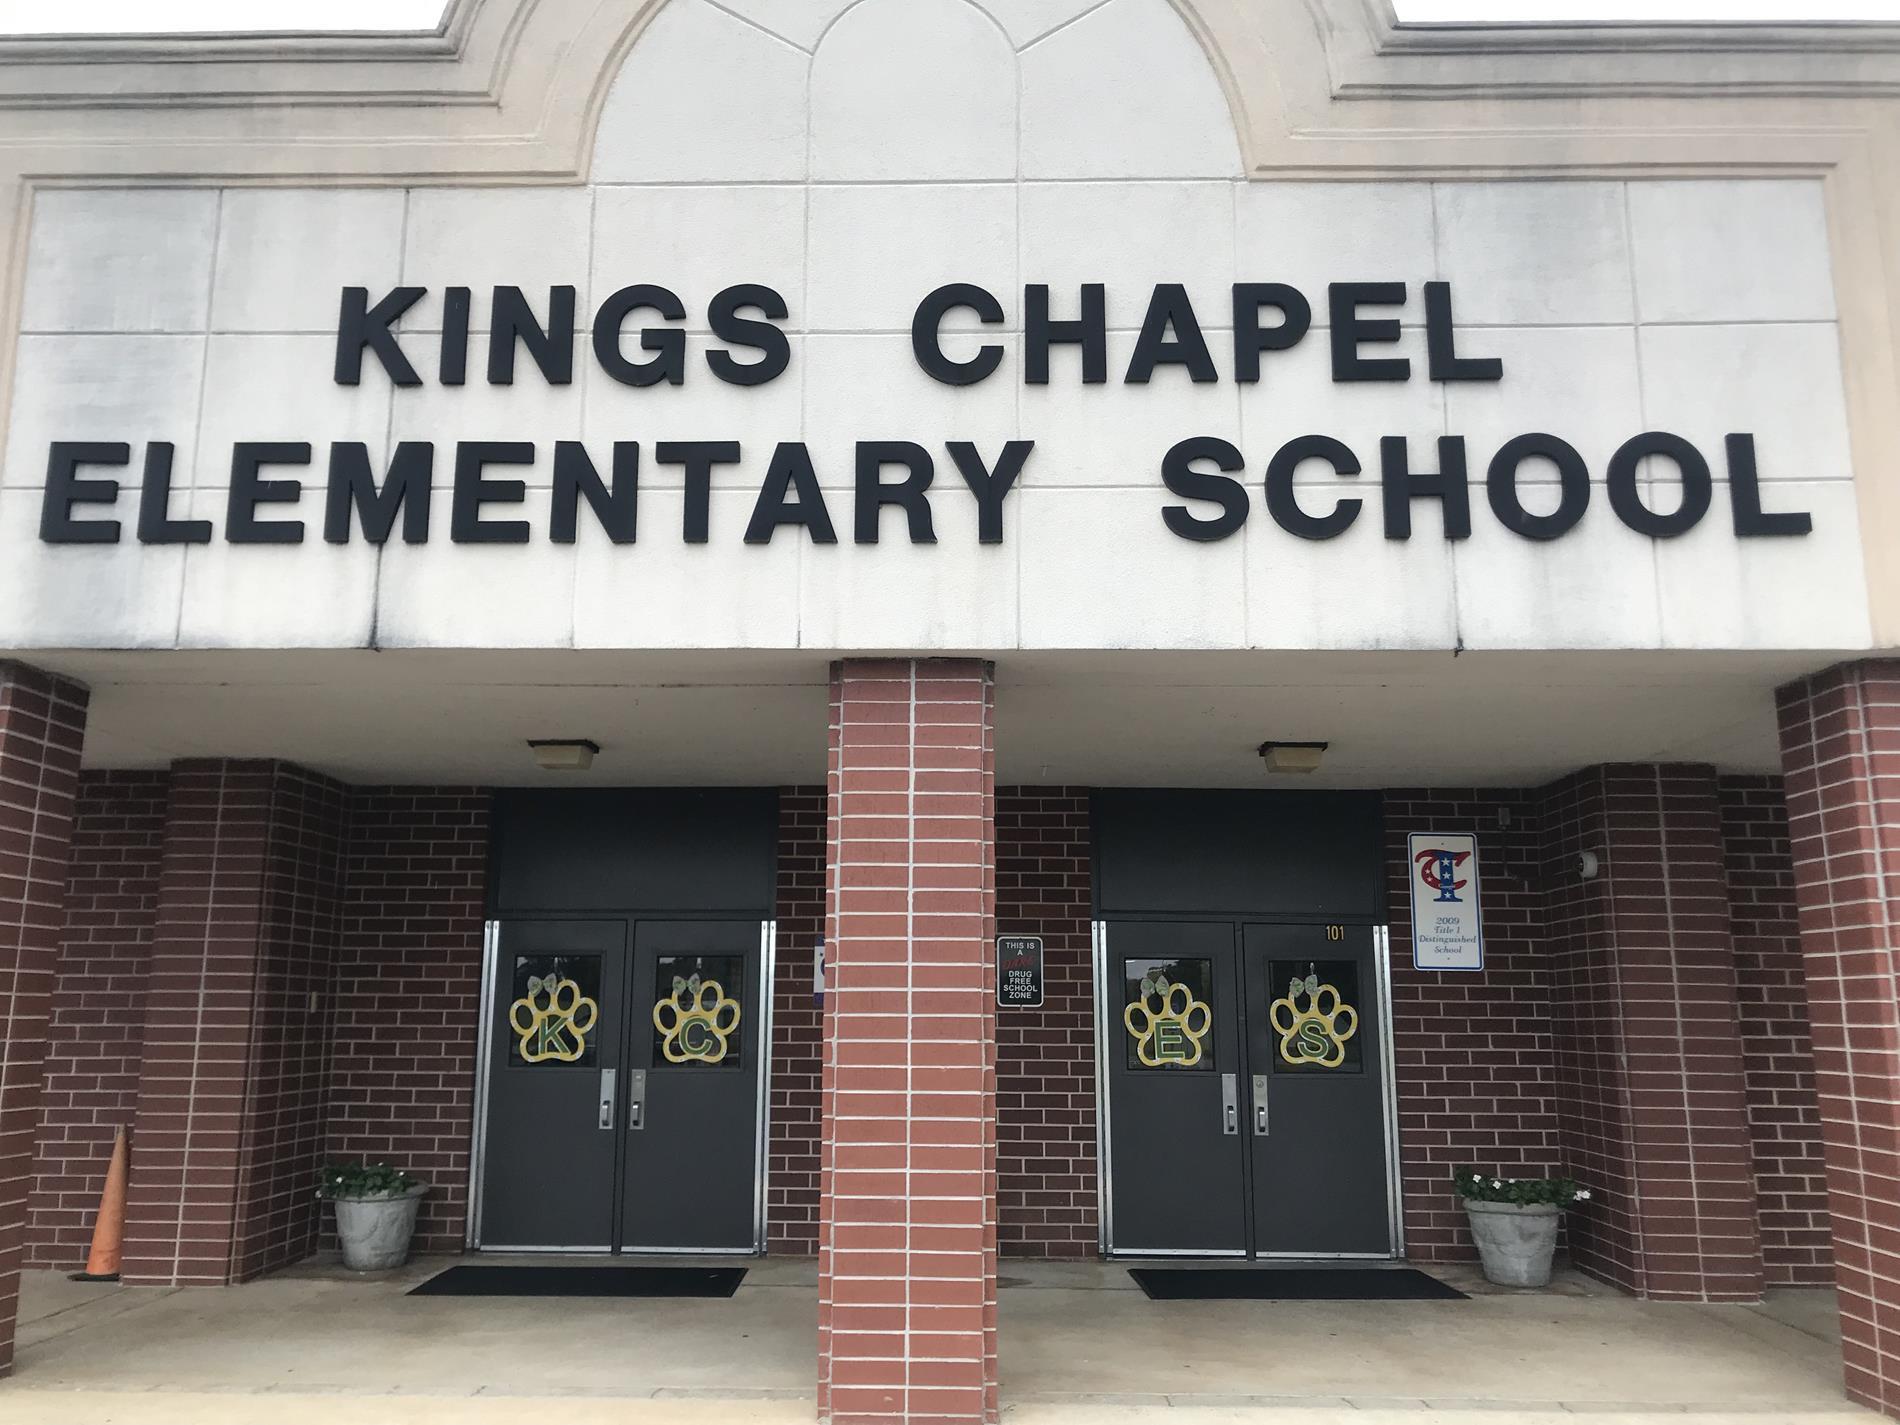 Kings Chapel Elementary